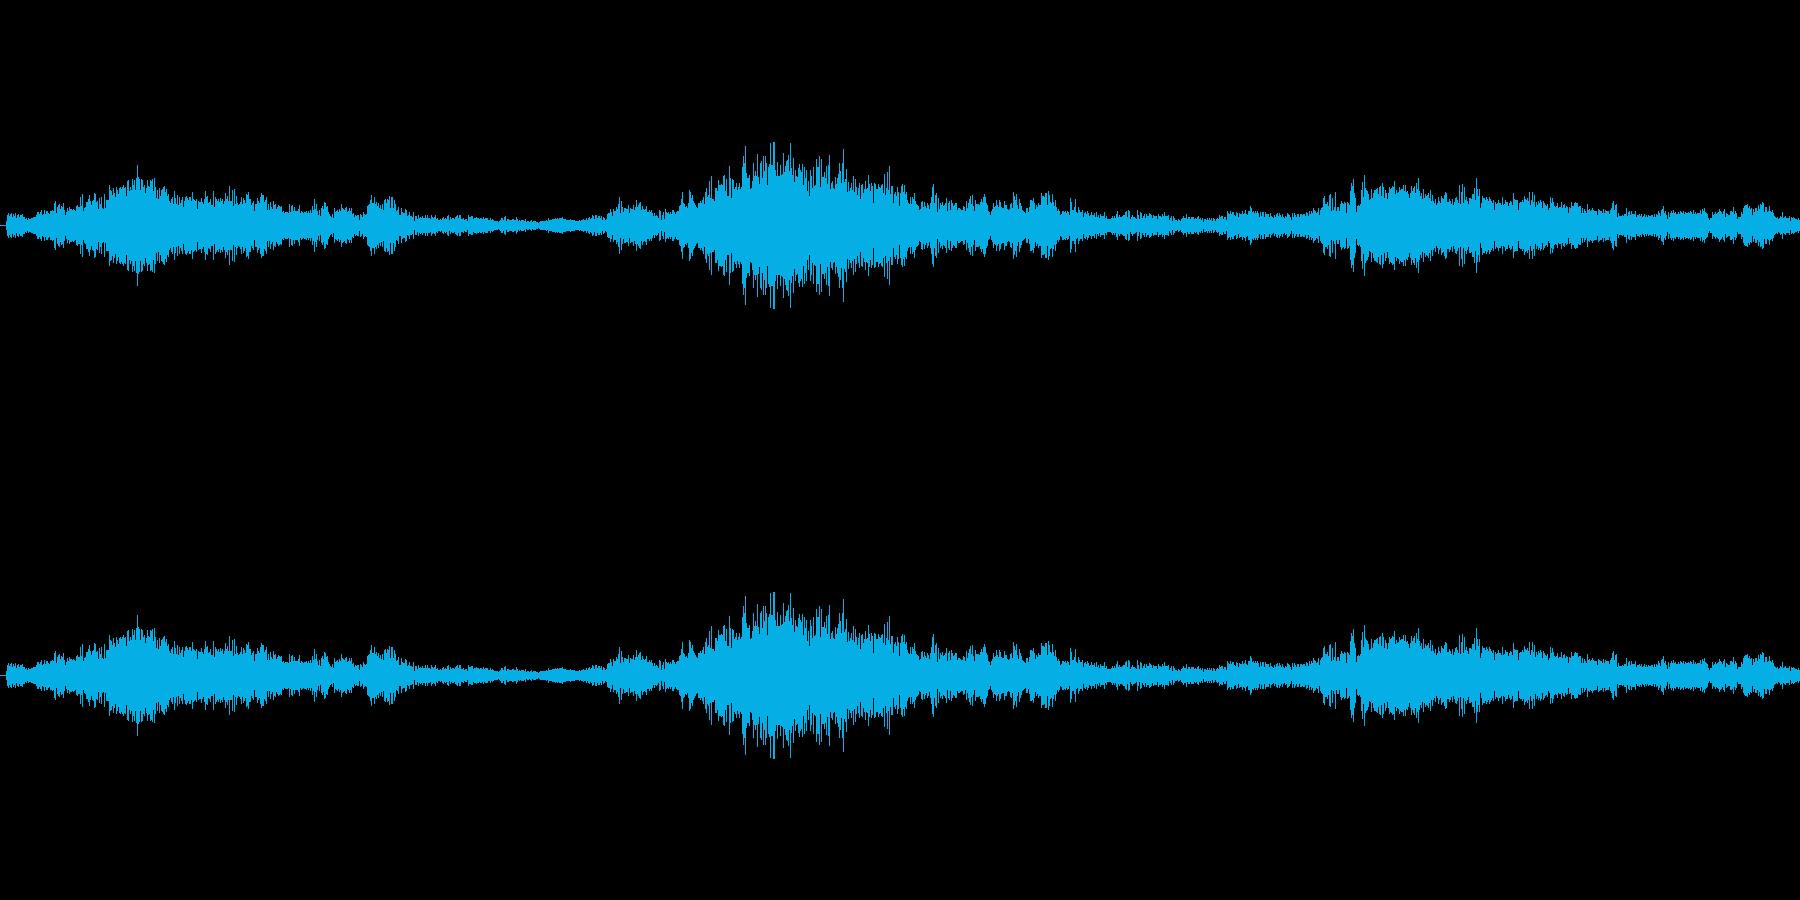 シャンシャンシャン (ジングルベル)の再生済みの波形